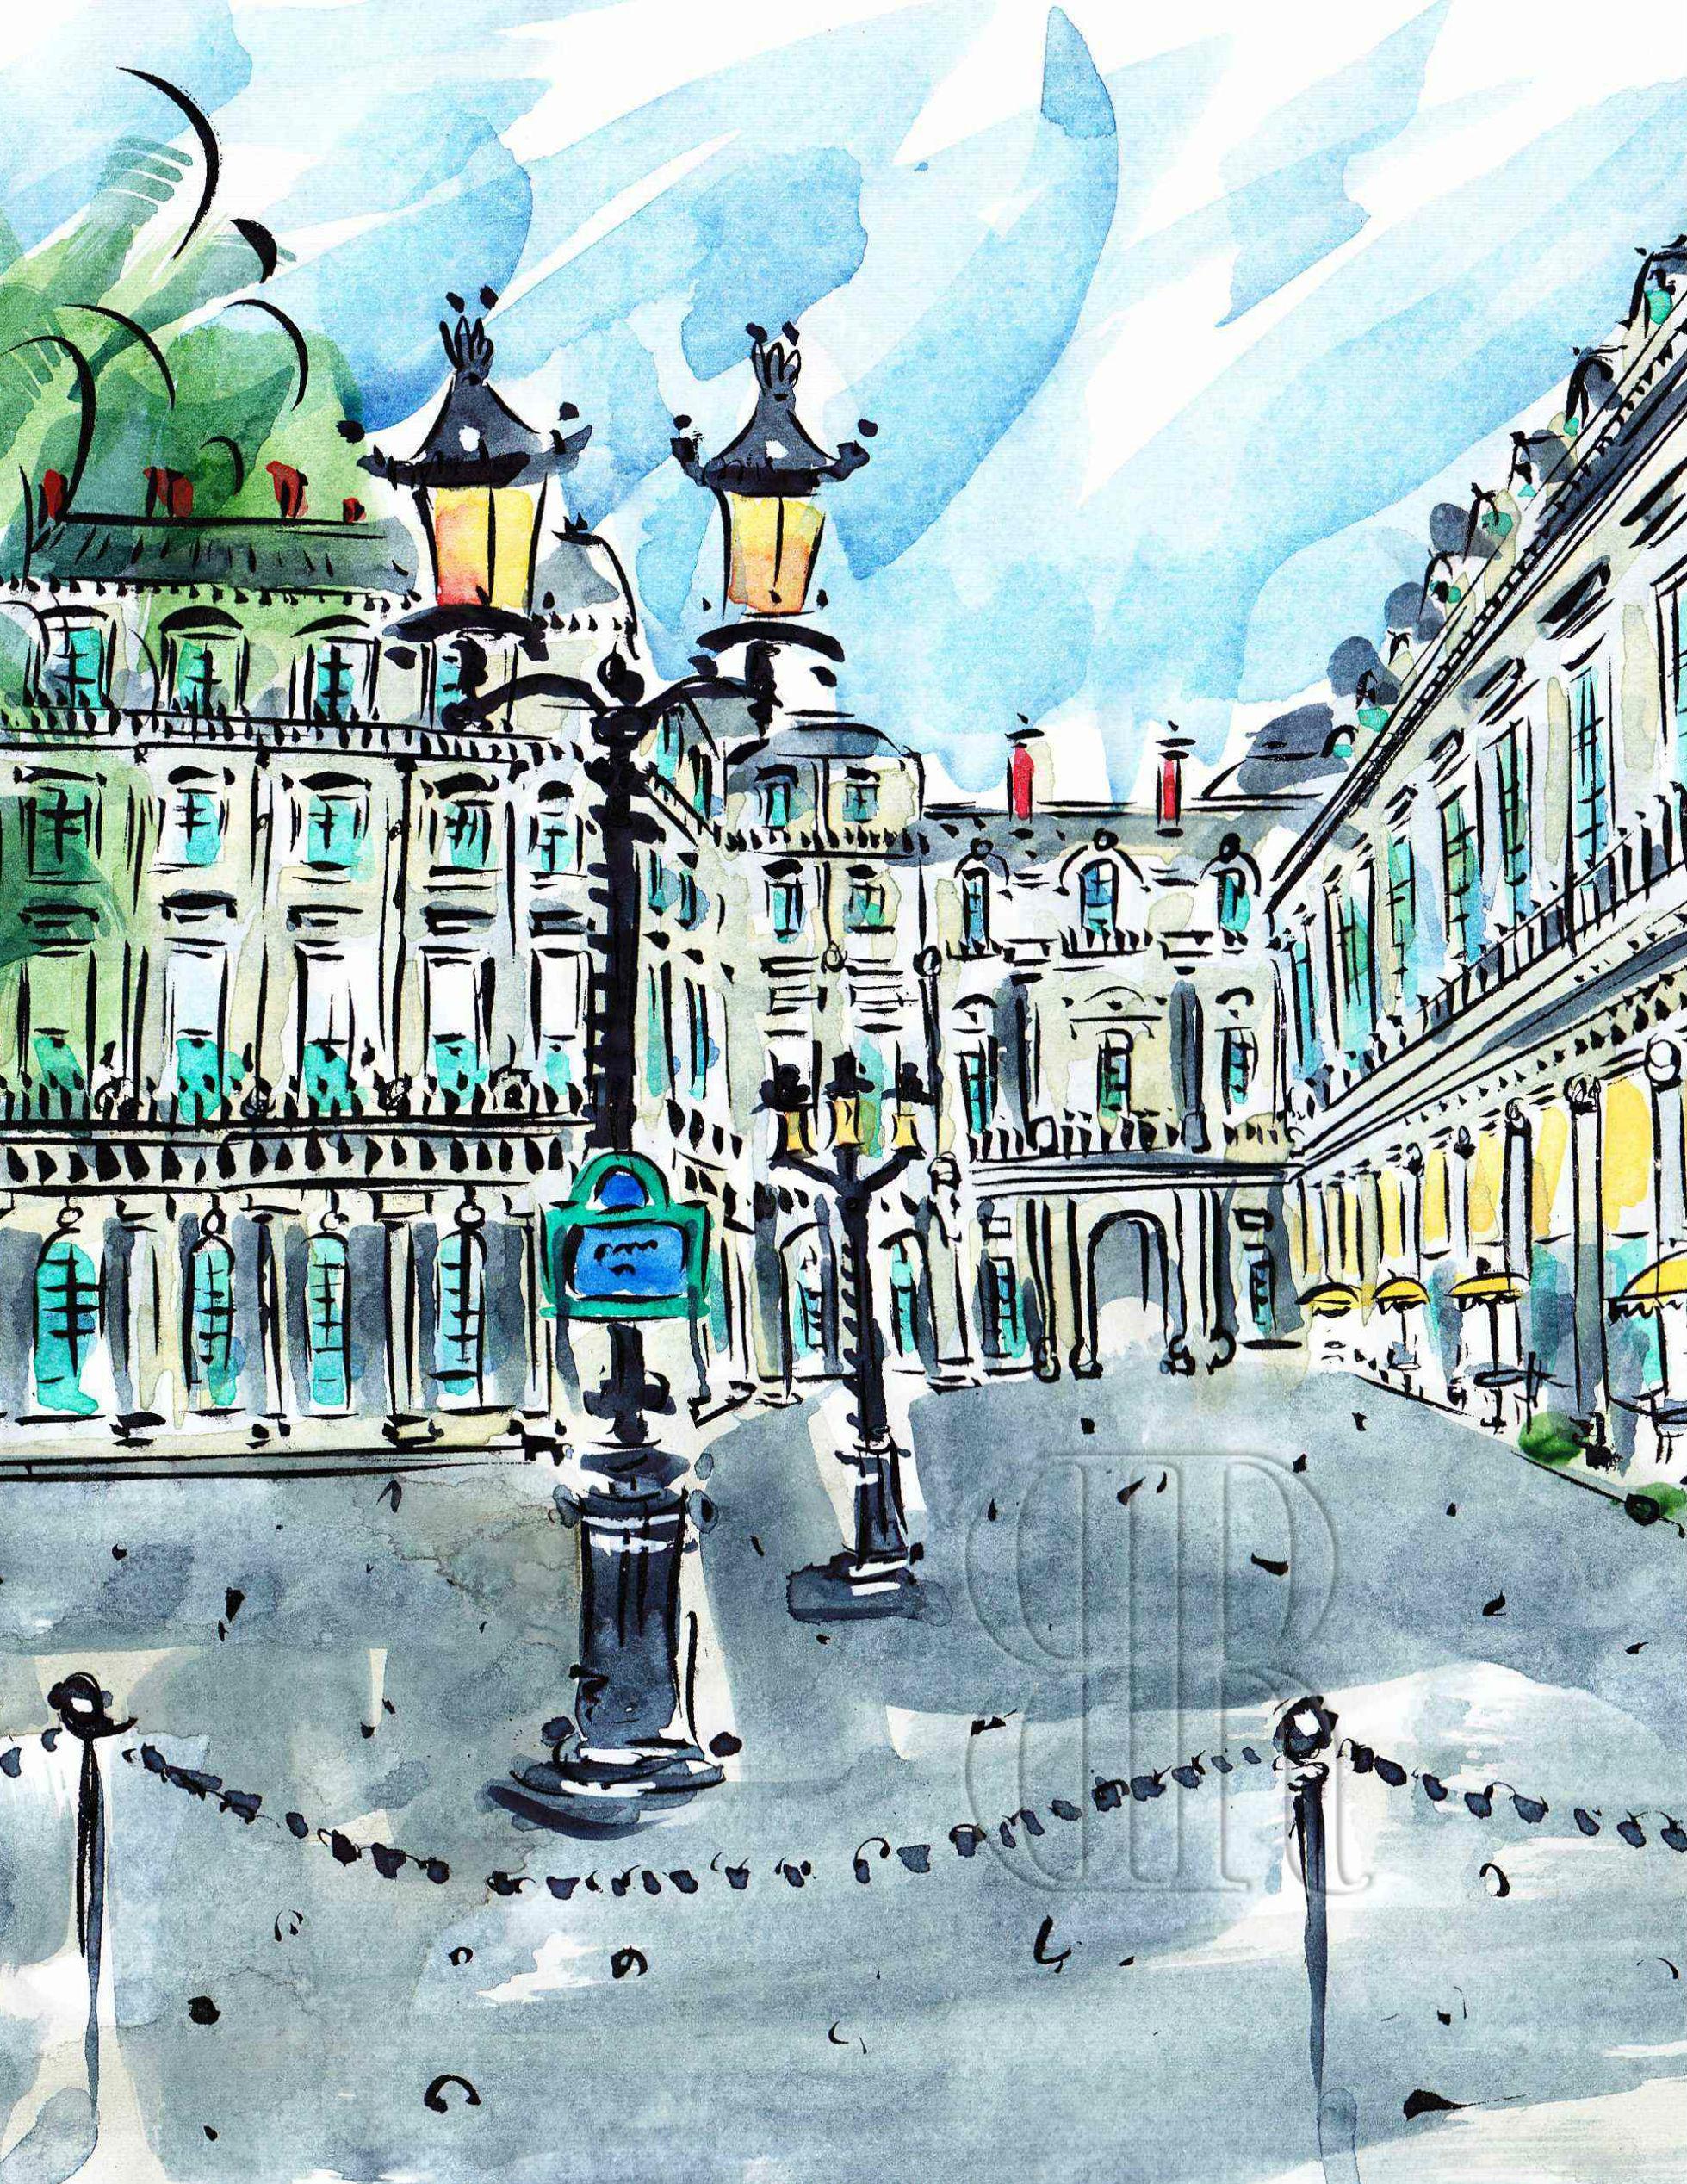 Paris gables photo seems